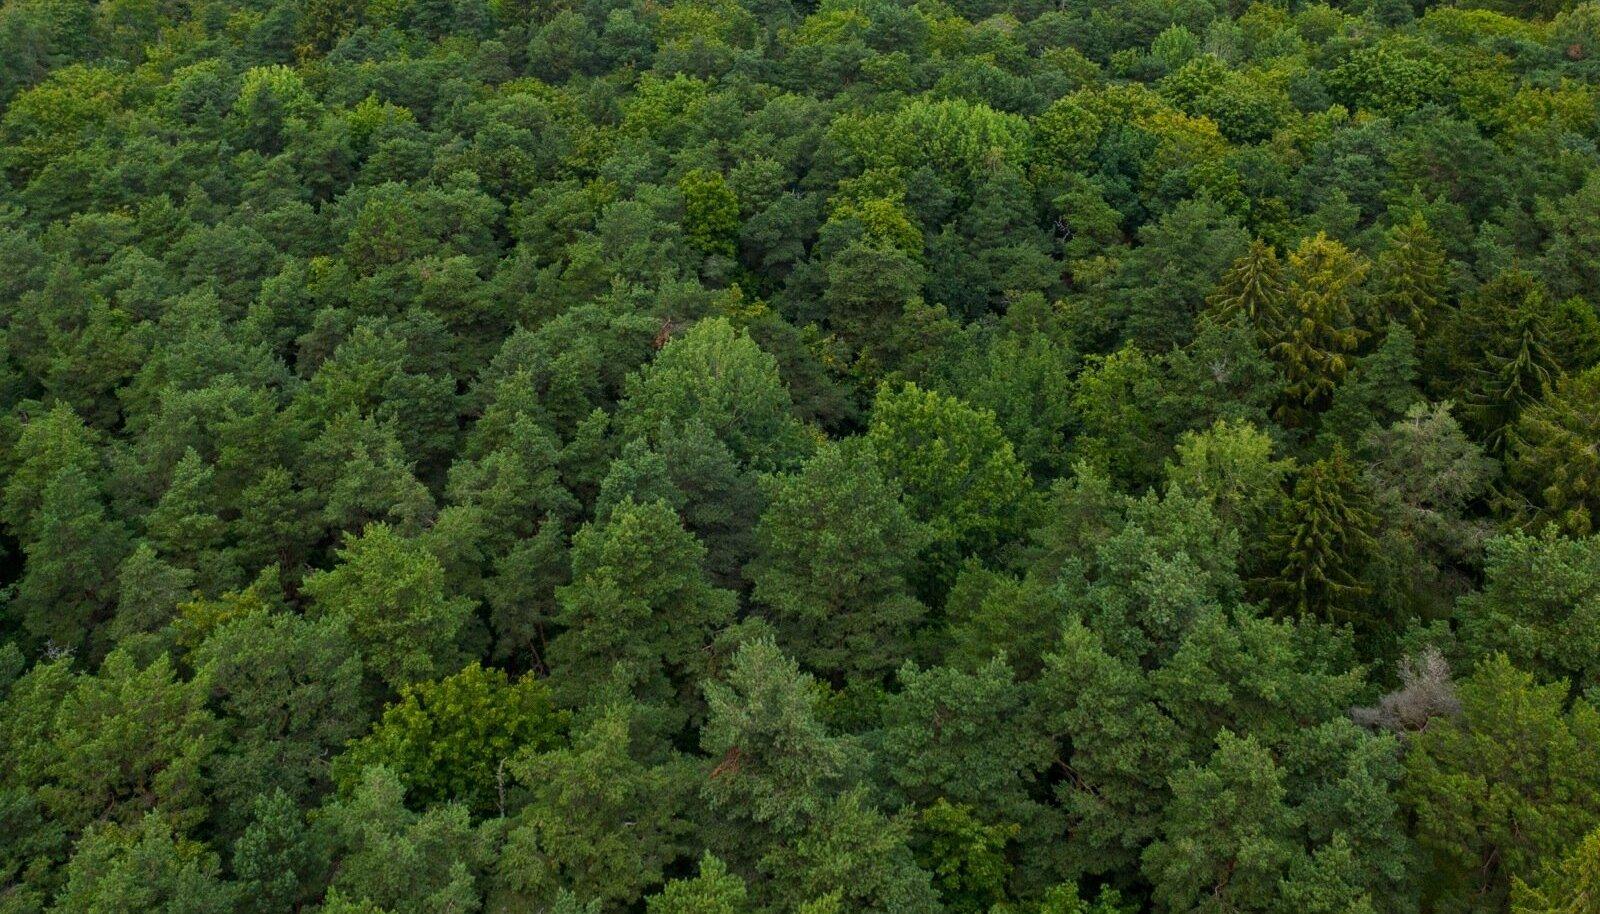 Võrreldes kümnendite eest tehtud kasvukäigutabeleid praeguste kasvukäikudega, on näha, et puud kasvavad kiiremini.